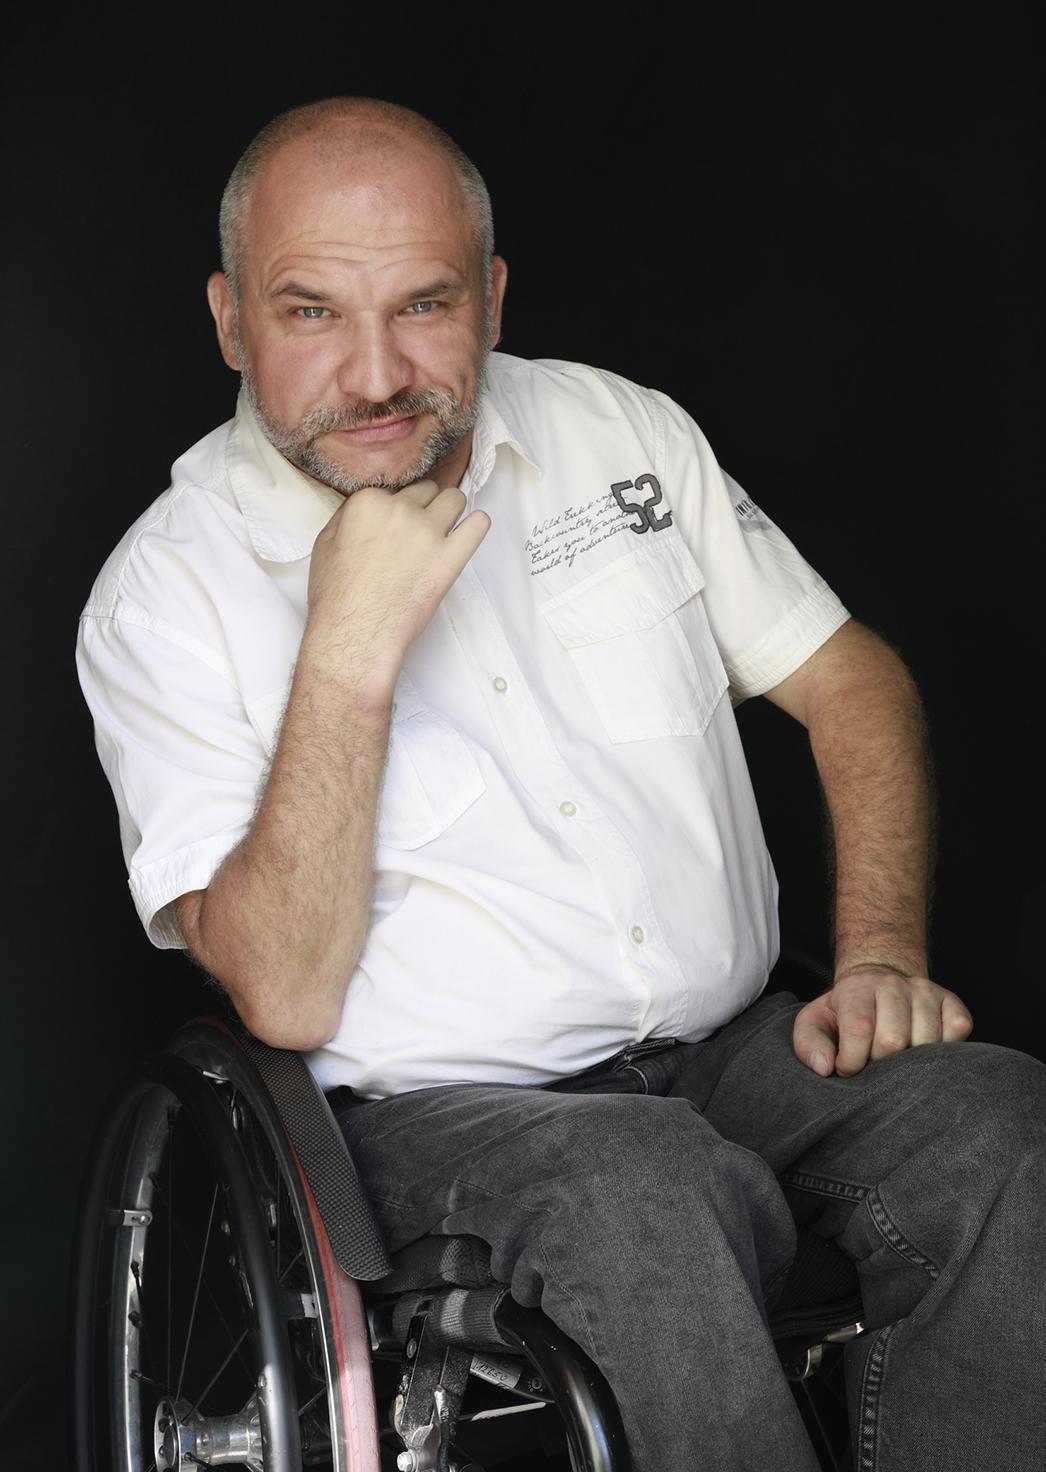 Dominik Wietrak